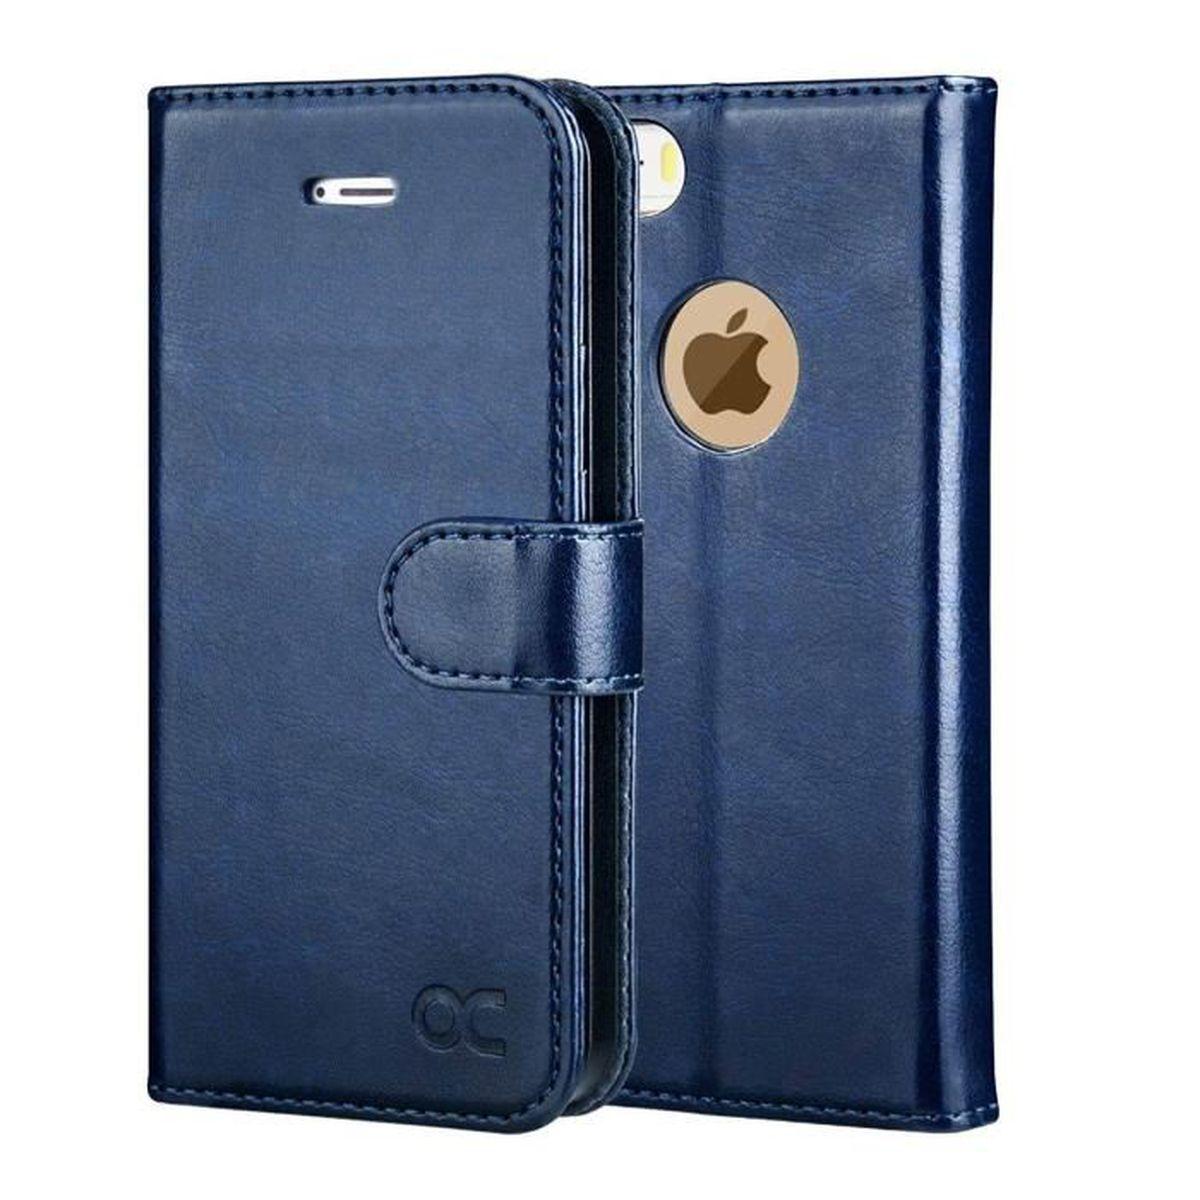 ocase coque iphone 5s porte cartes bleu fermoir ma